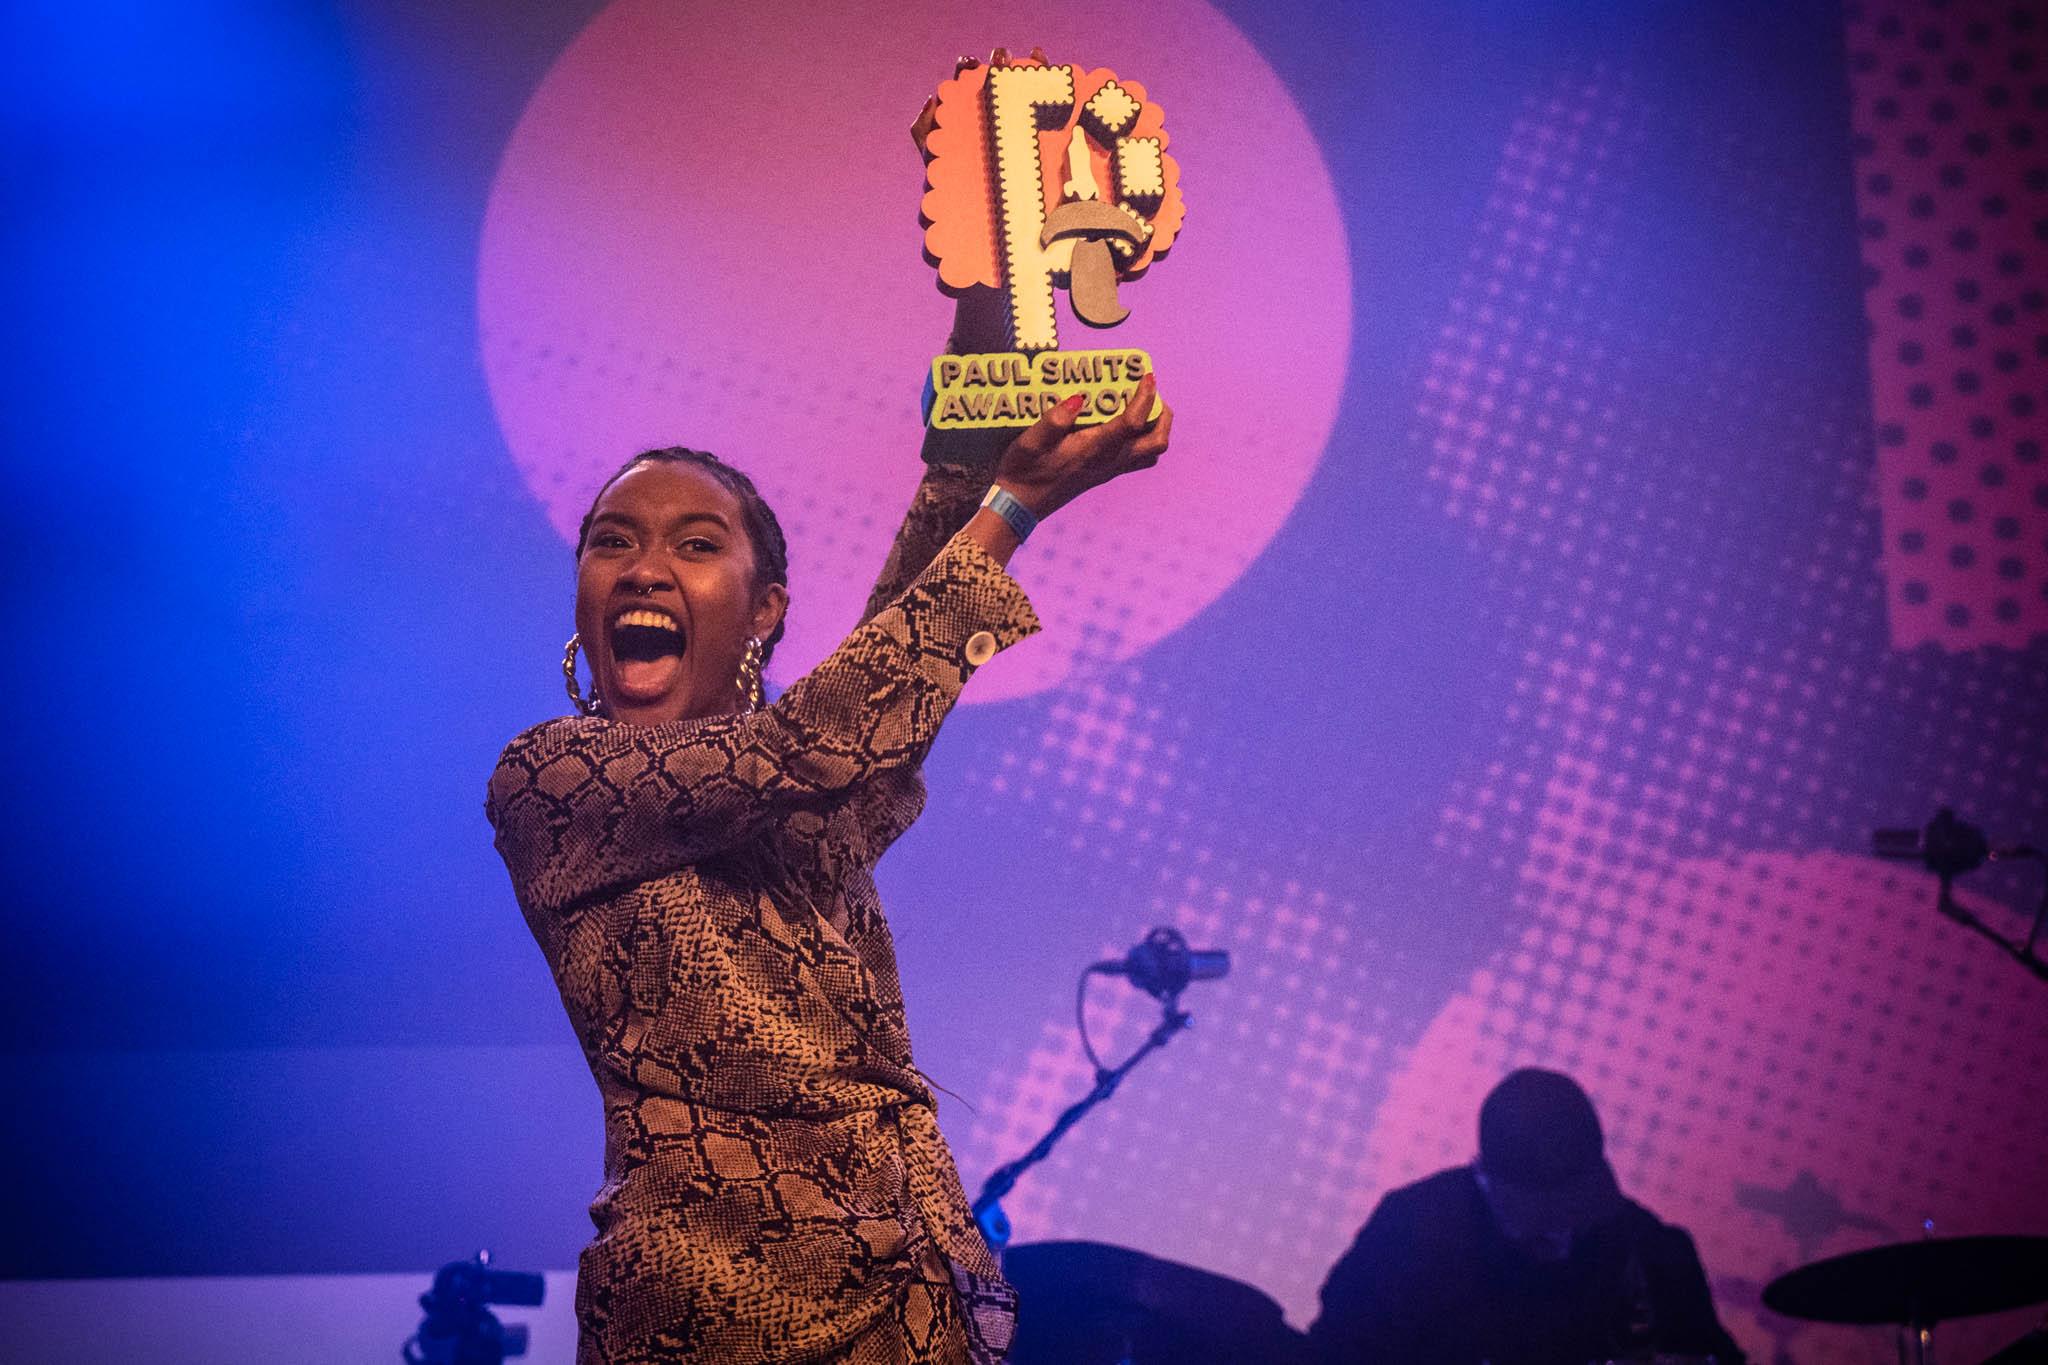 Ppronde_Amsterdam_Eindfeest_Paul Smits Award_2018-voor-A-Mili-urban-pop-foto-Jessie Kamp_